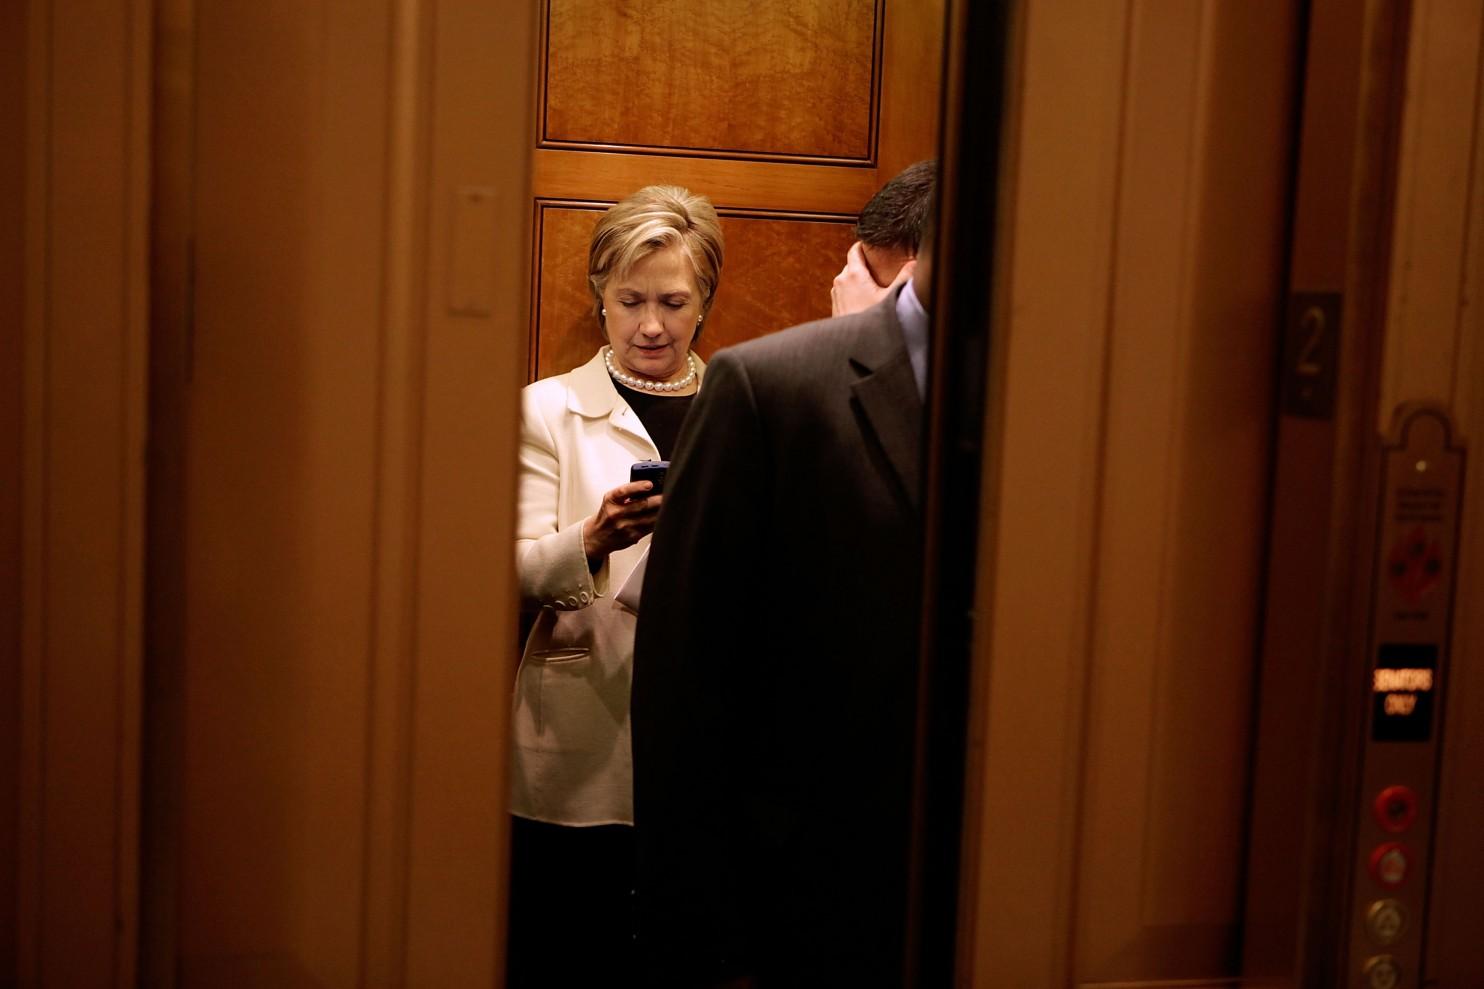 Hillary Clinton, qui à l'époque était sélectionnée pour être secrétaire d'État, regarde son BlackBerry dans un ascenseur du Capitole des États-Unis au District en janvier 2009. (Chip Somodevilla/Getty Images)